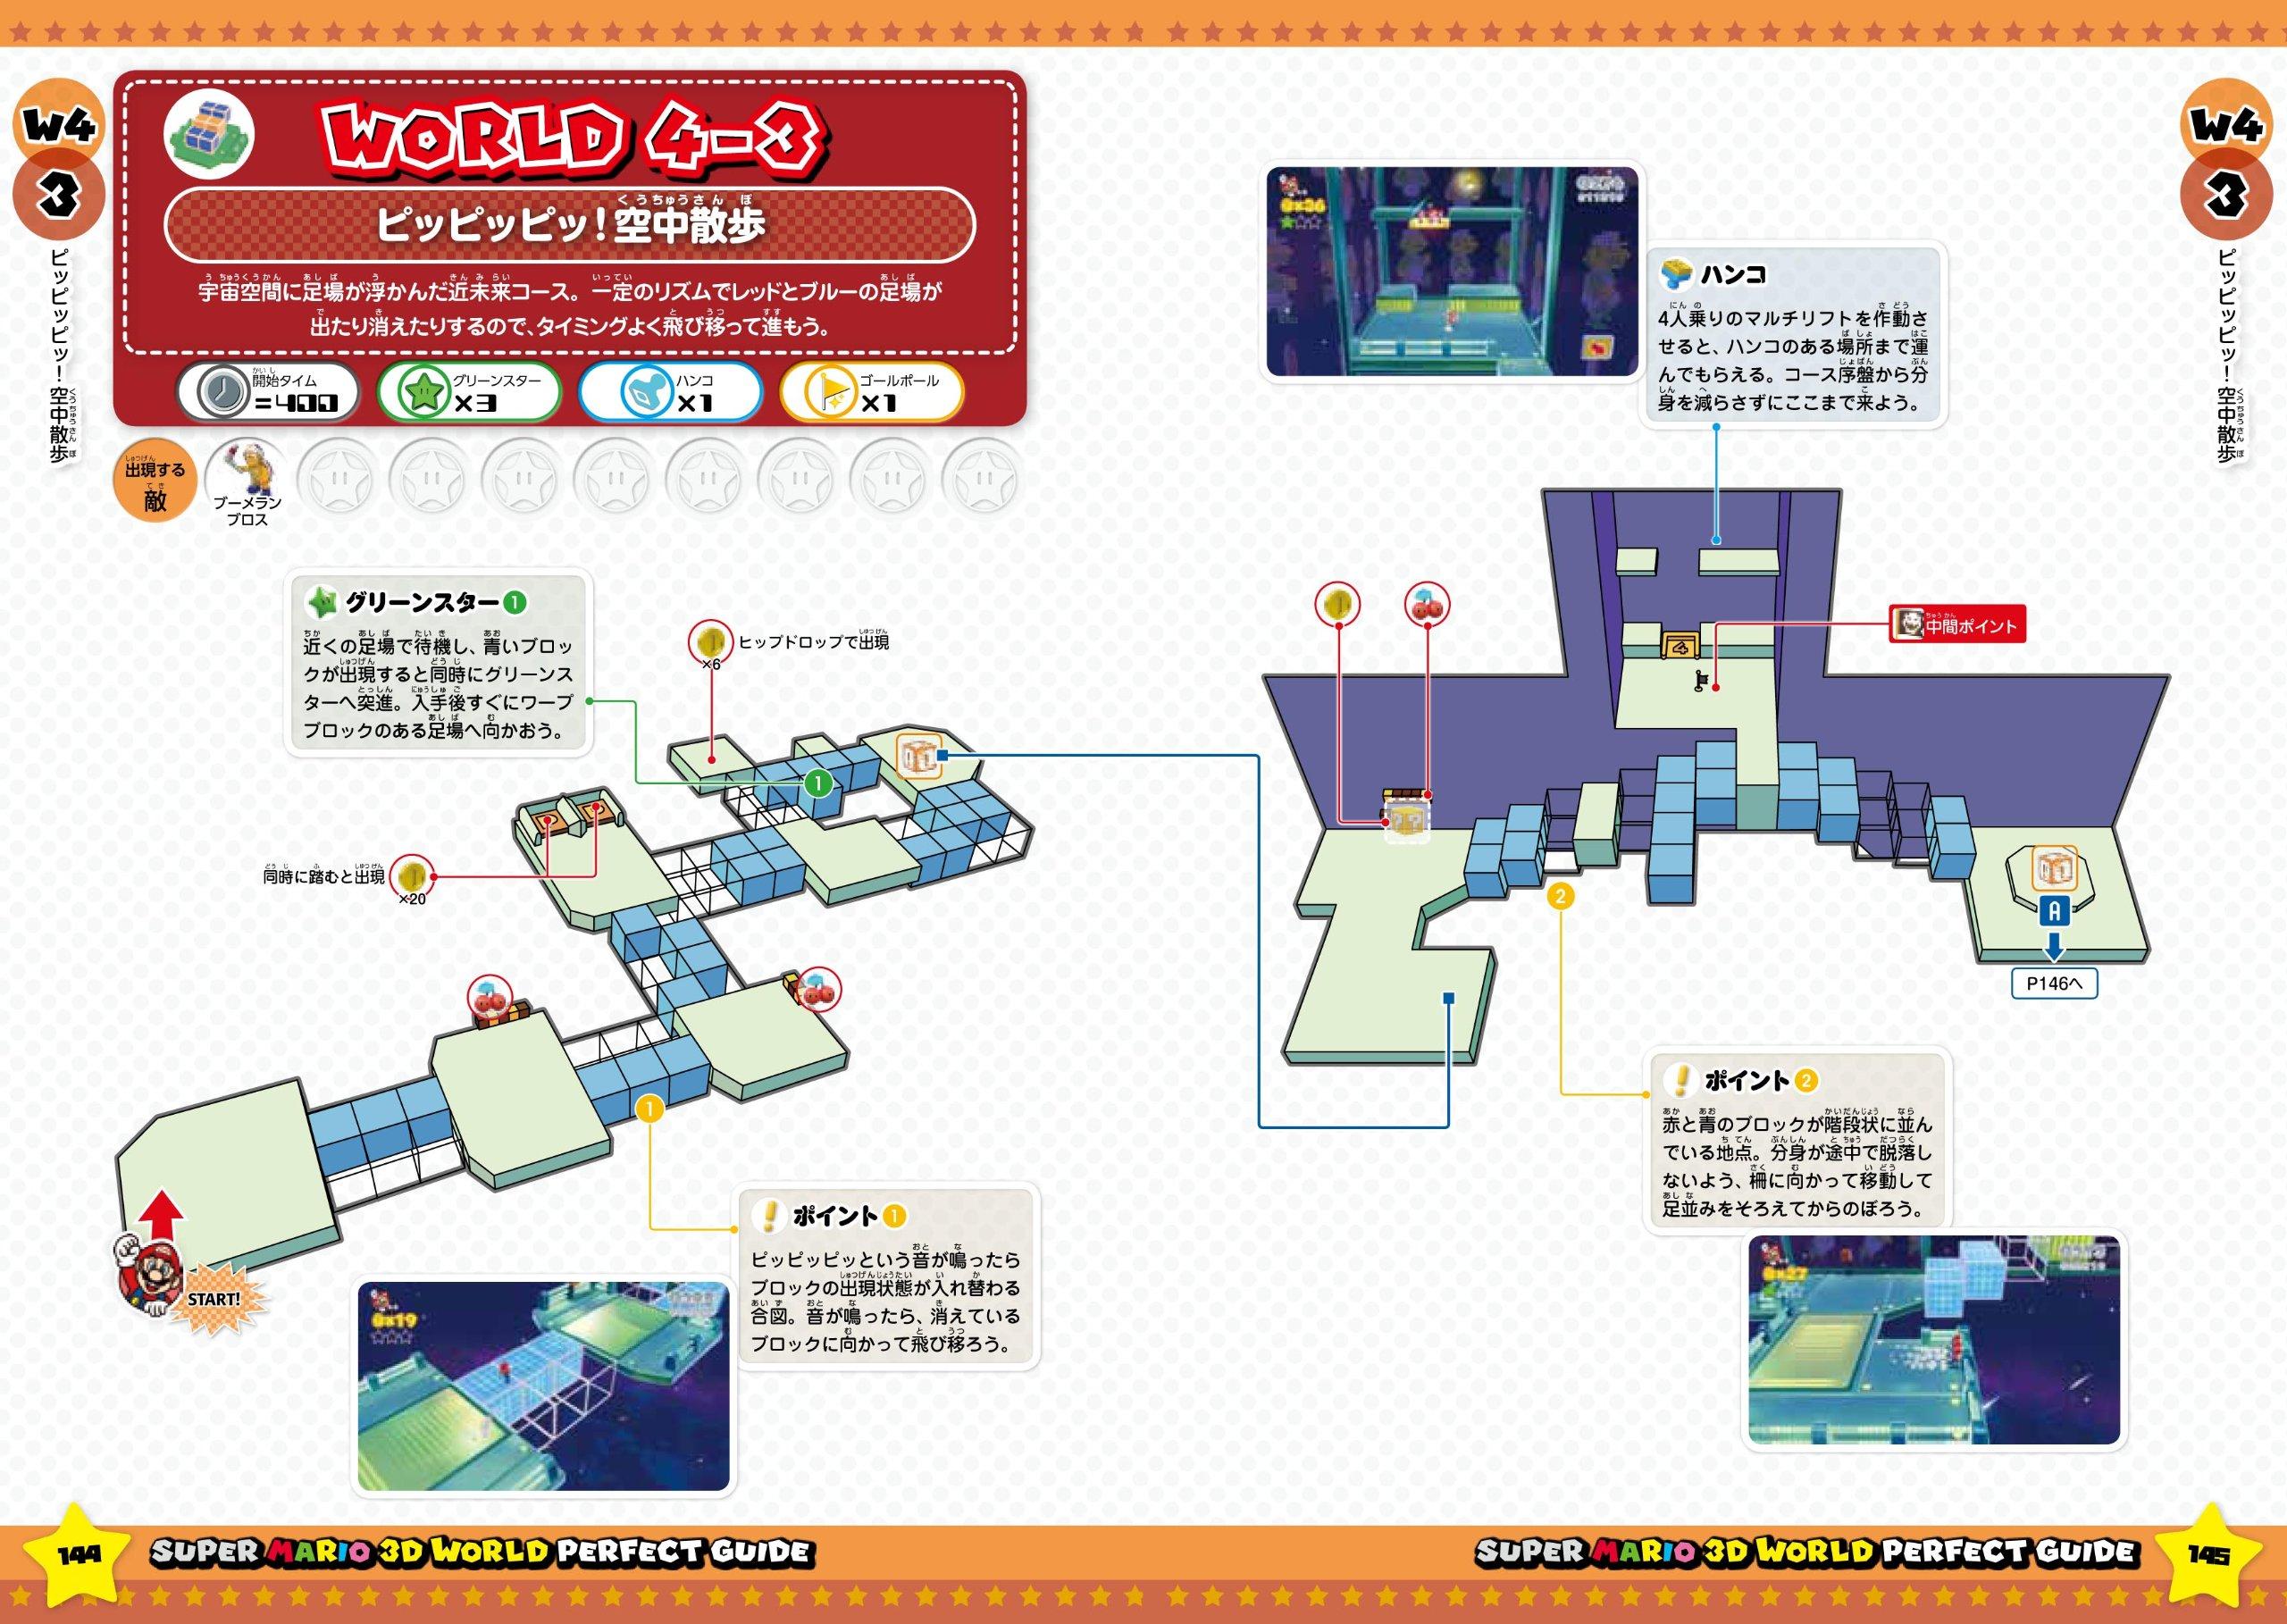 攻略 ワールド マリオ フューリー 3d スーパー ワールド 【フューリーワールド】フューリークッパの攻略【マリオ3Dワールド】|ゲームエイト